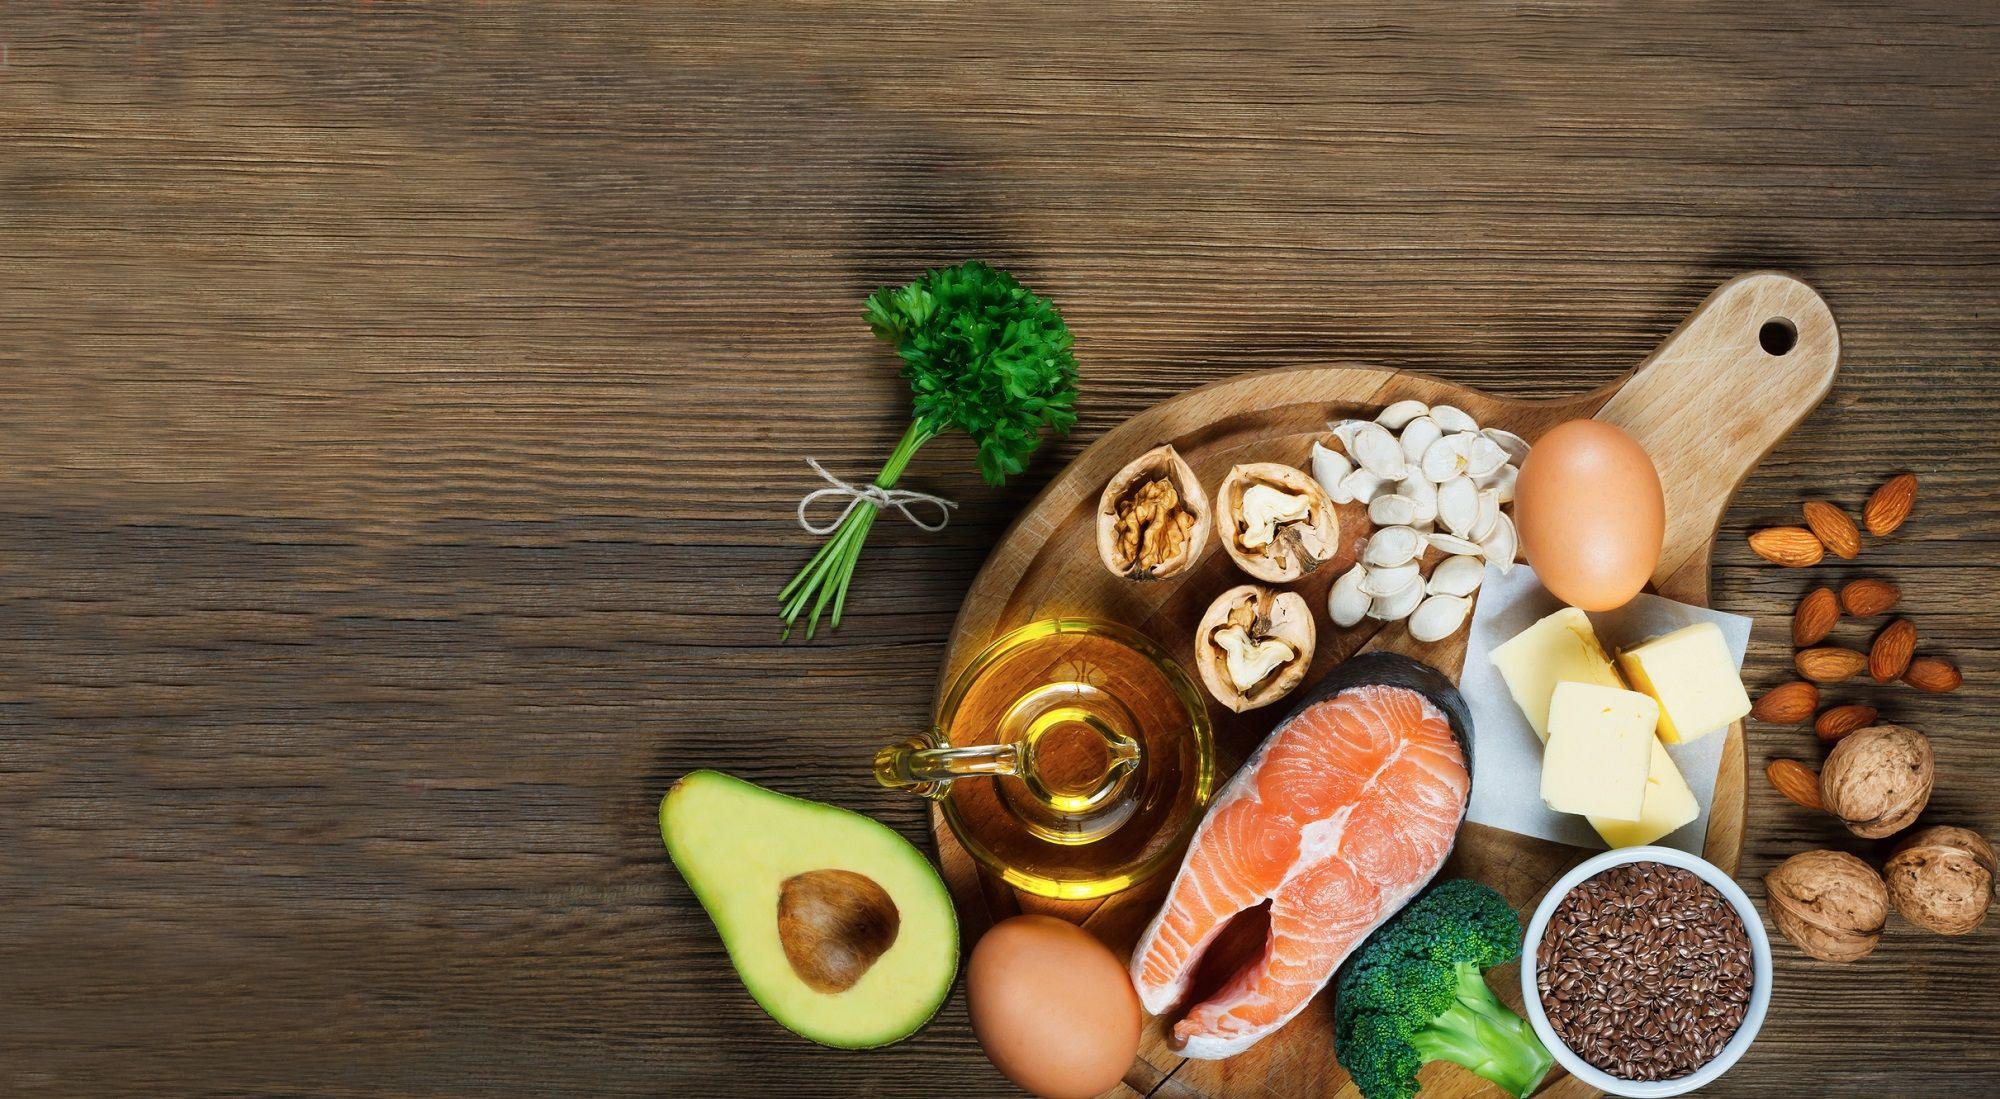 Omega-3 Wirkung: deshalb sind Omega-3-Fettsäuren so wichtig für unsere Gesundheit